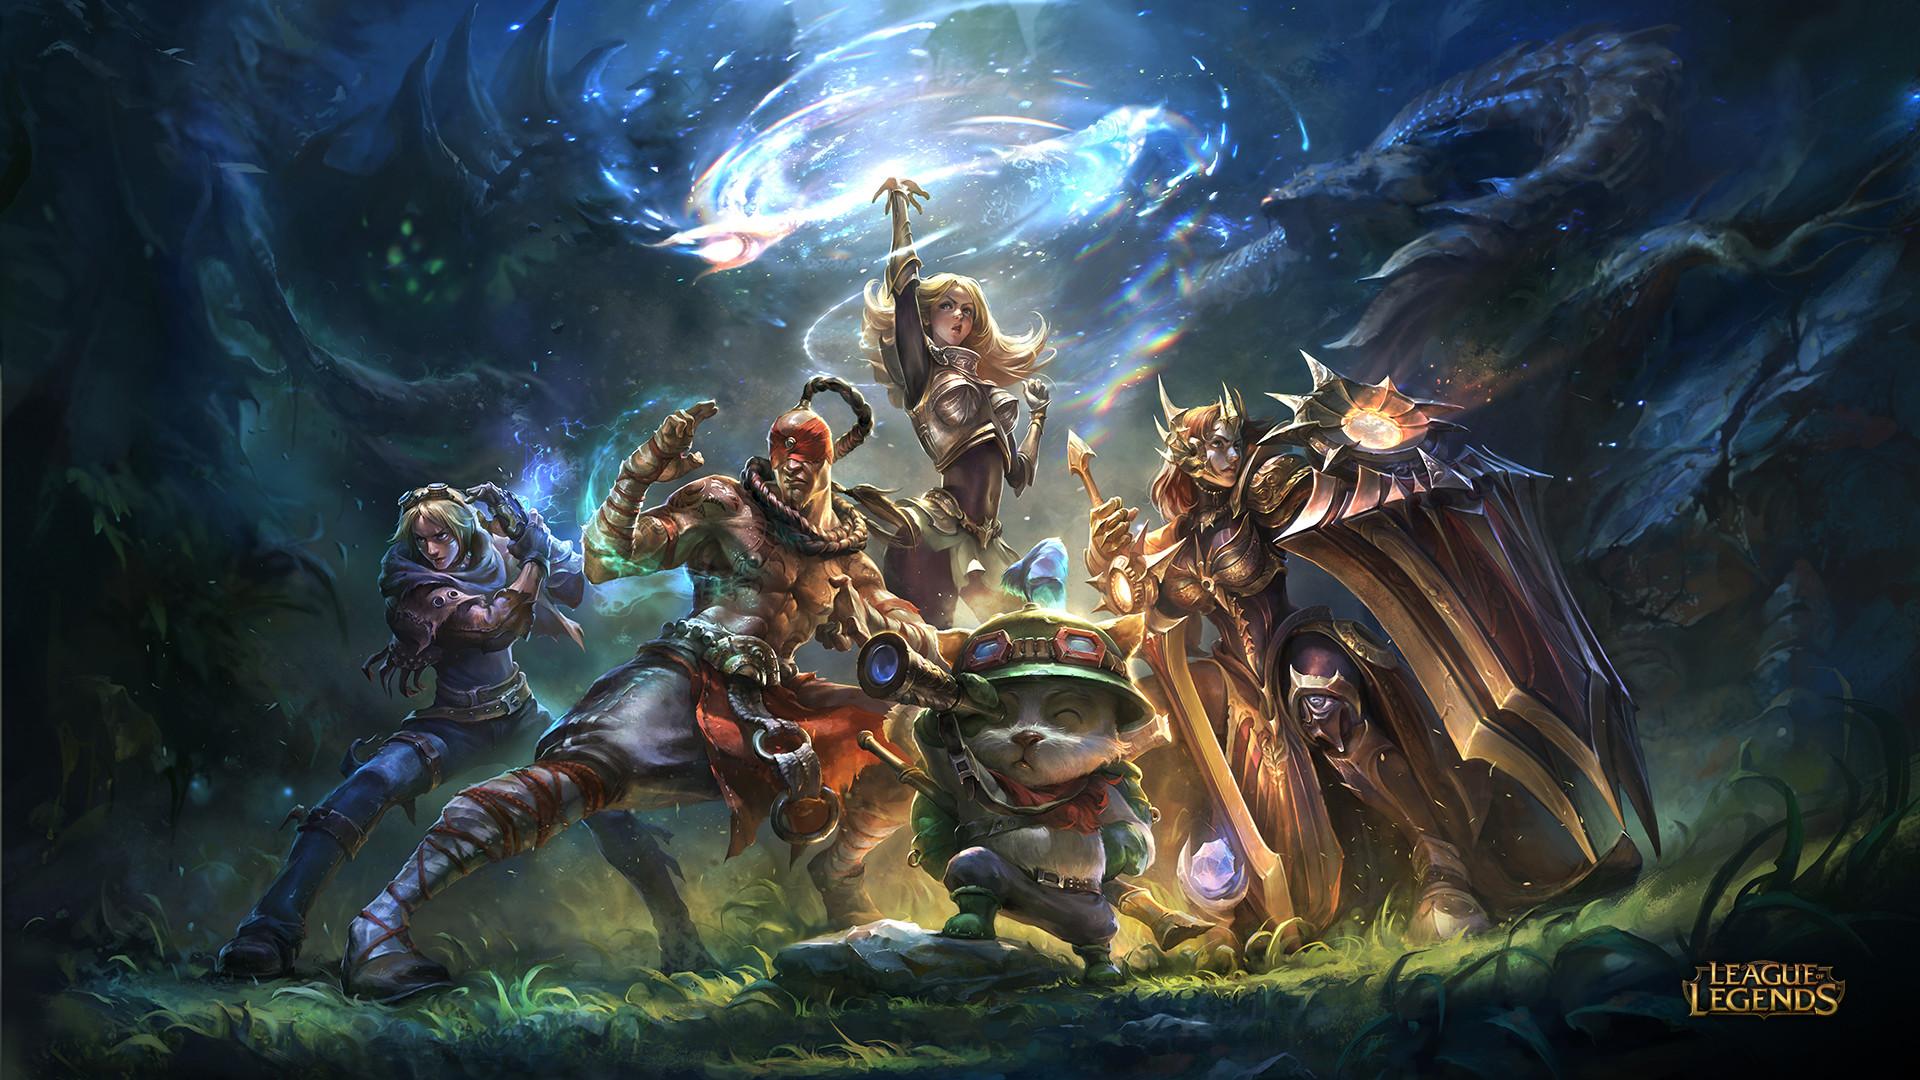 League Of Legends 1080p Wallpaper 76 Images